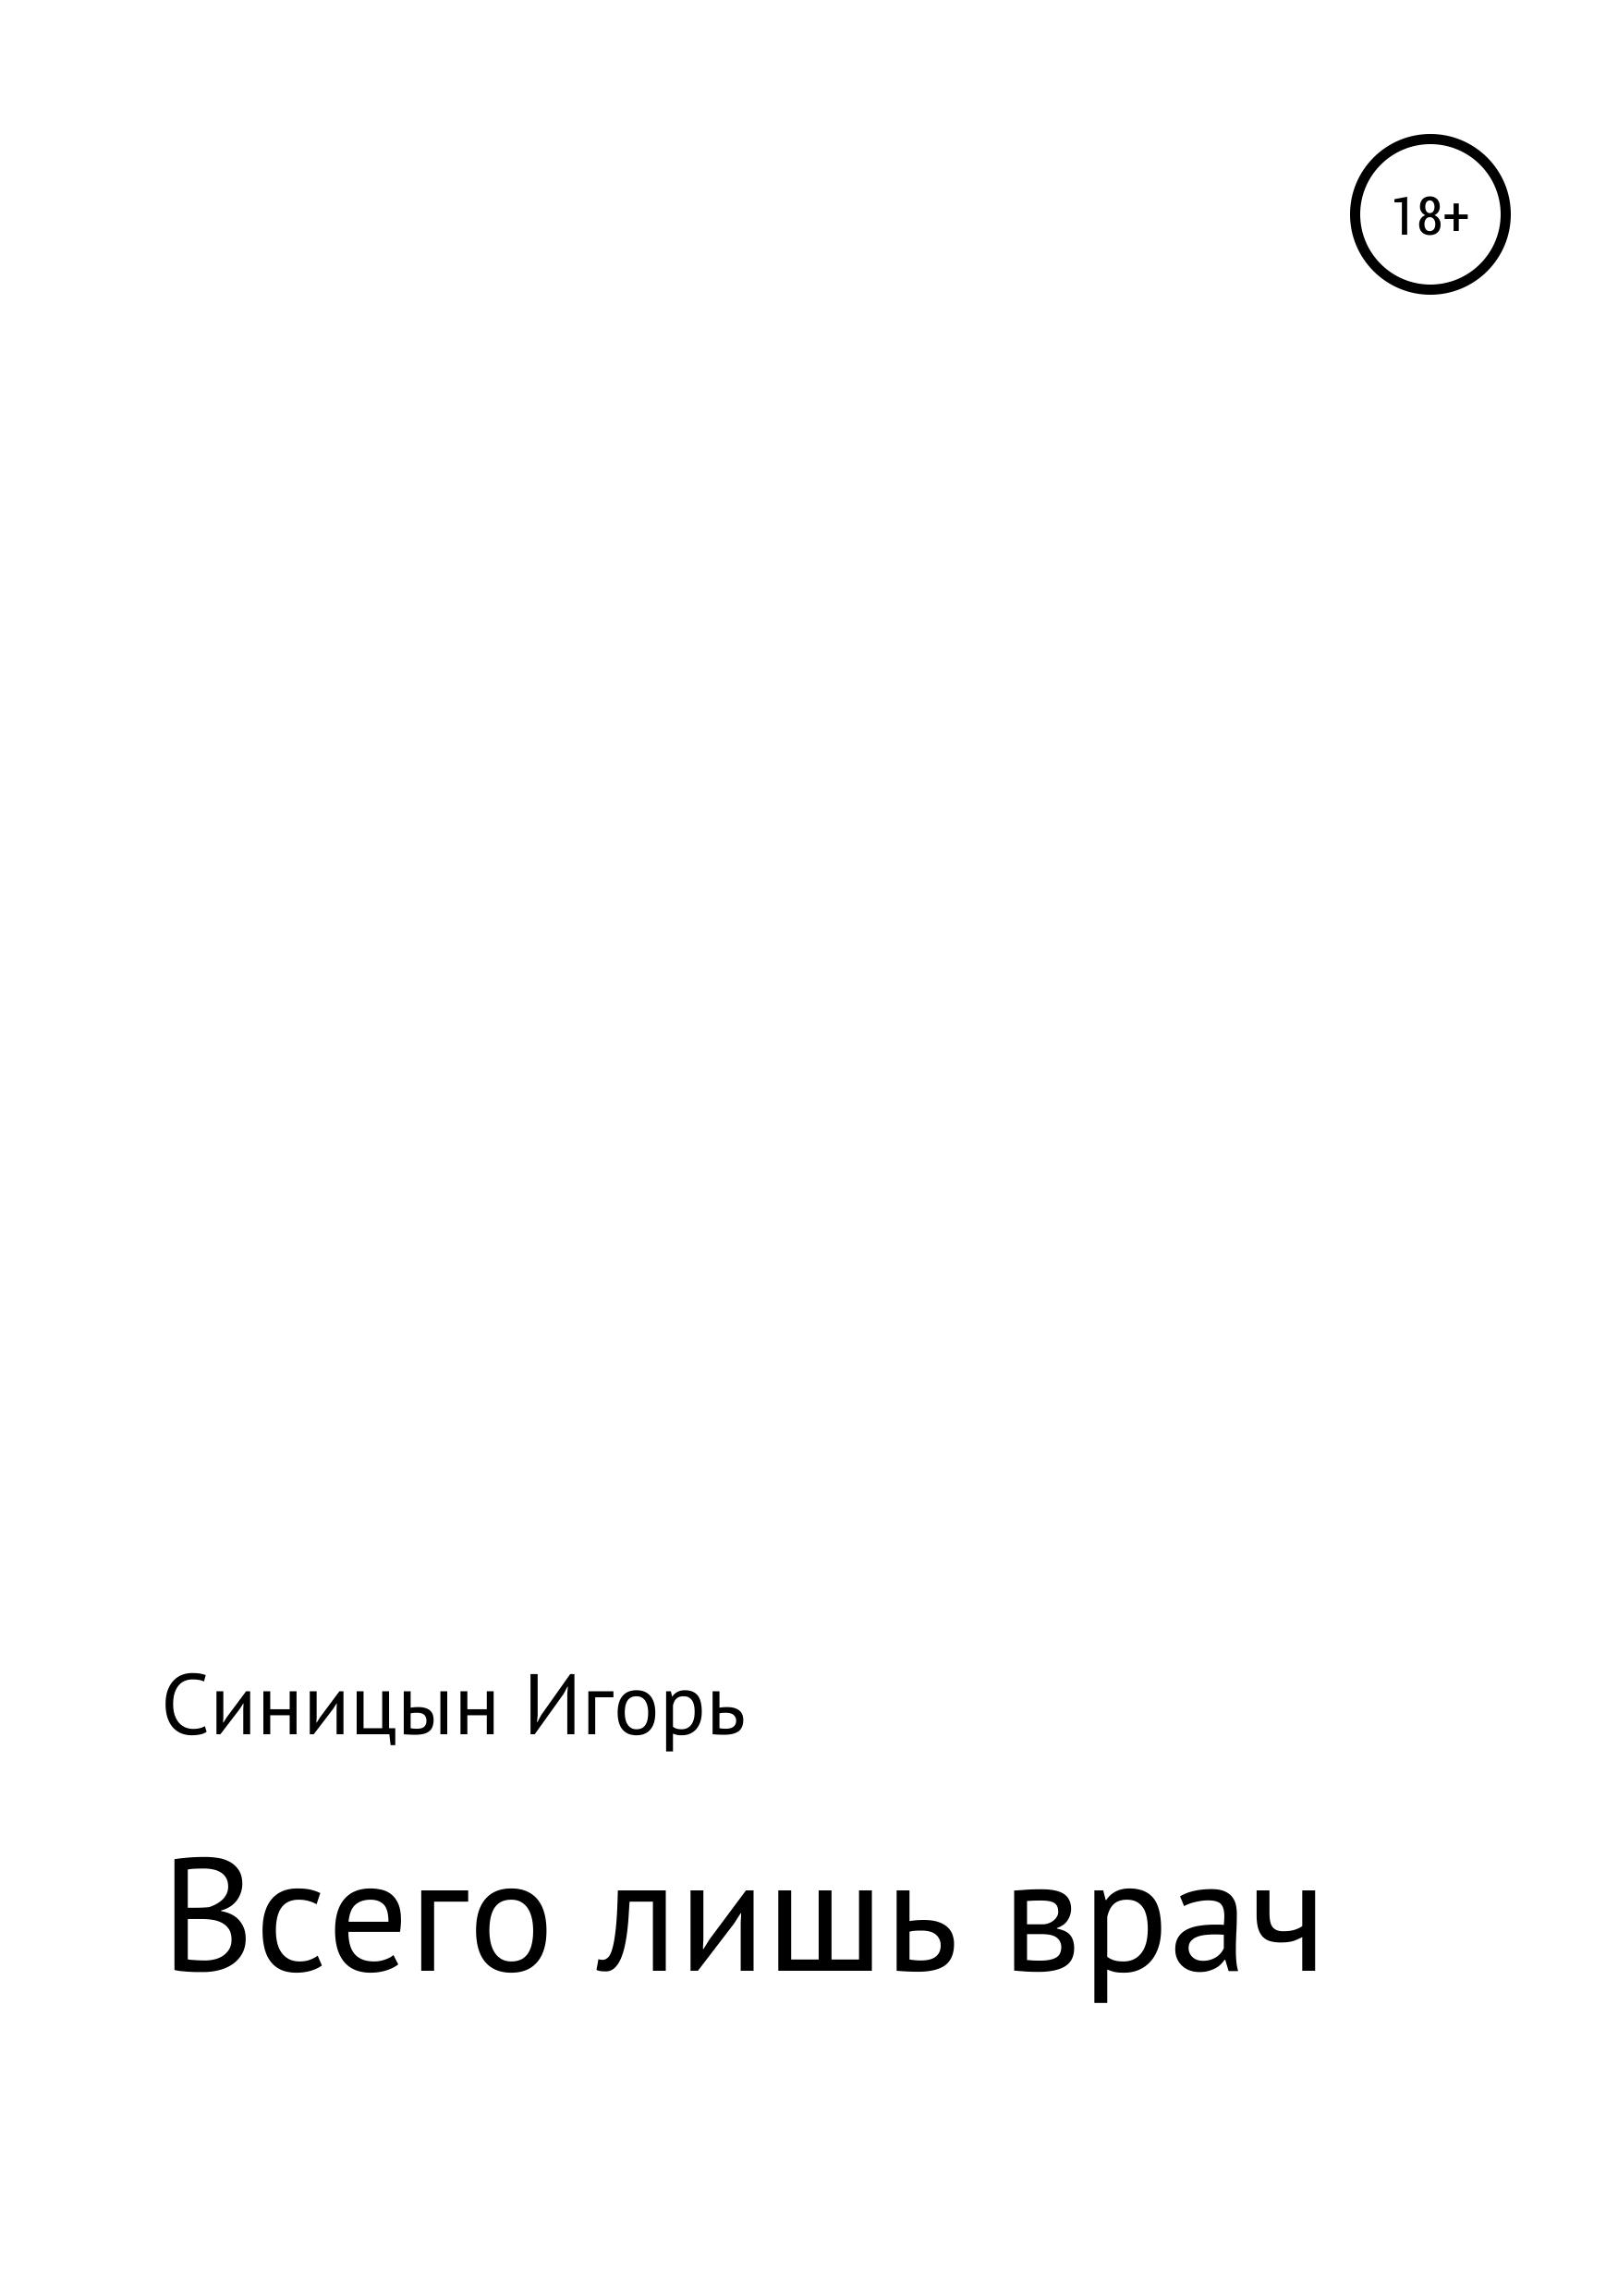 Игорь Васильевич Синицын «Всего лишь врач»